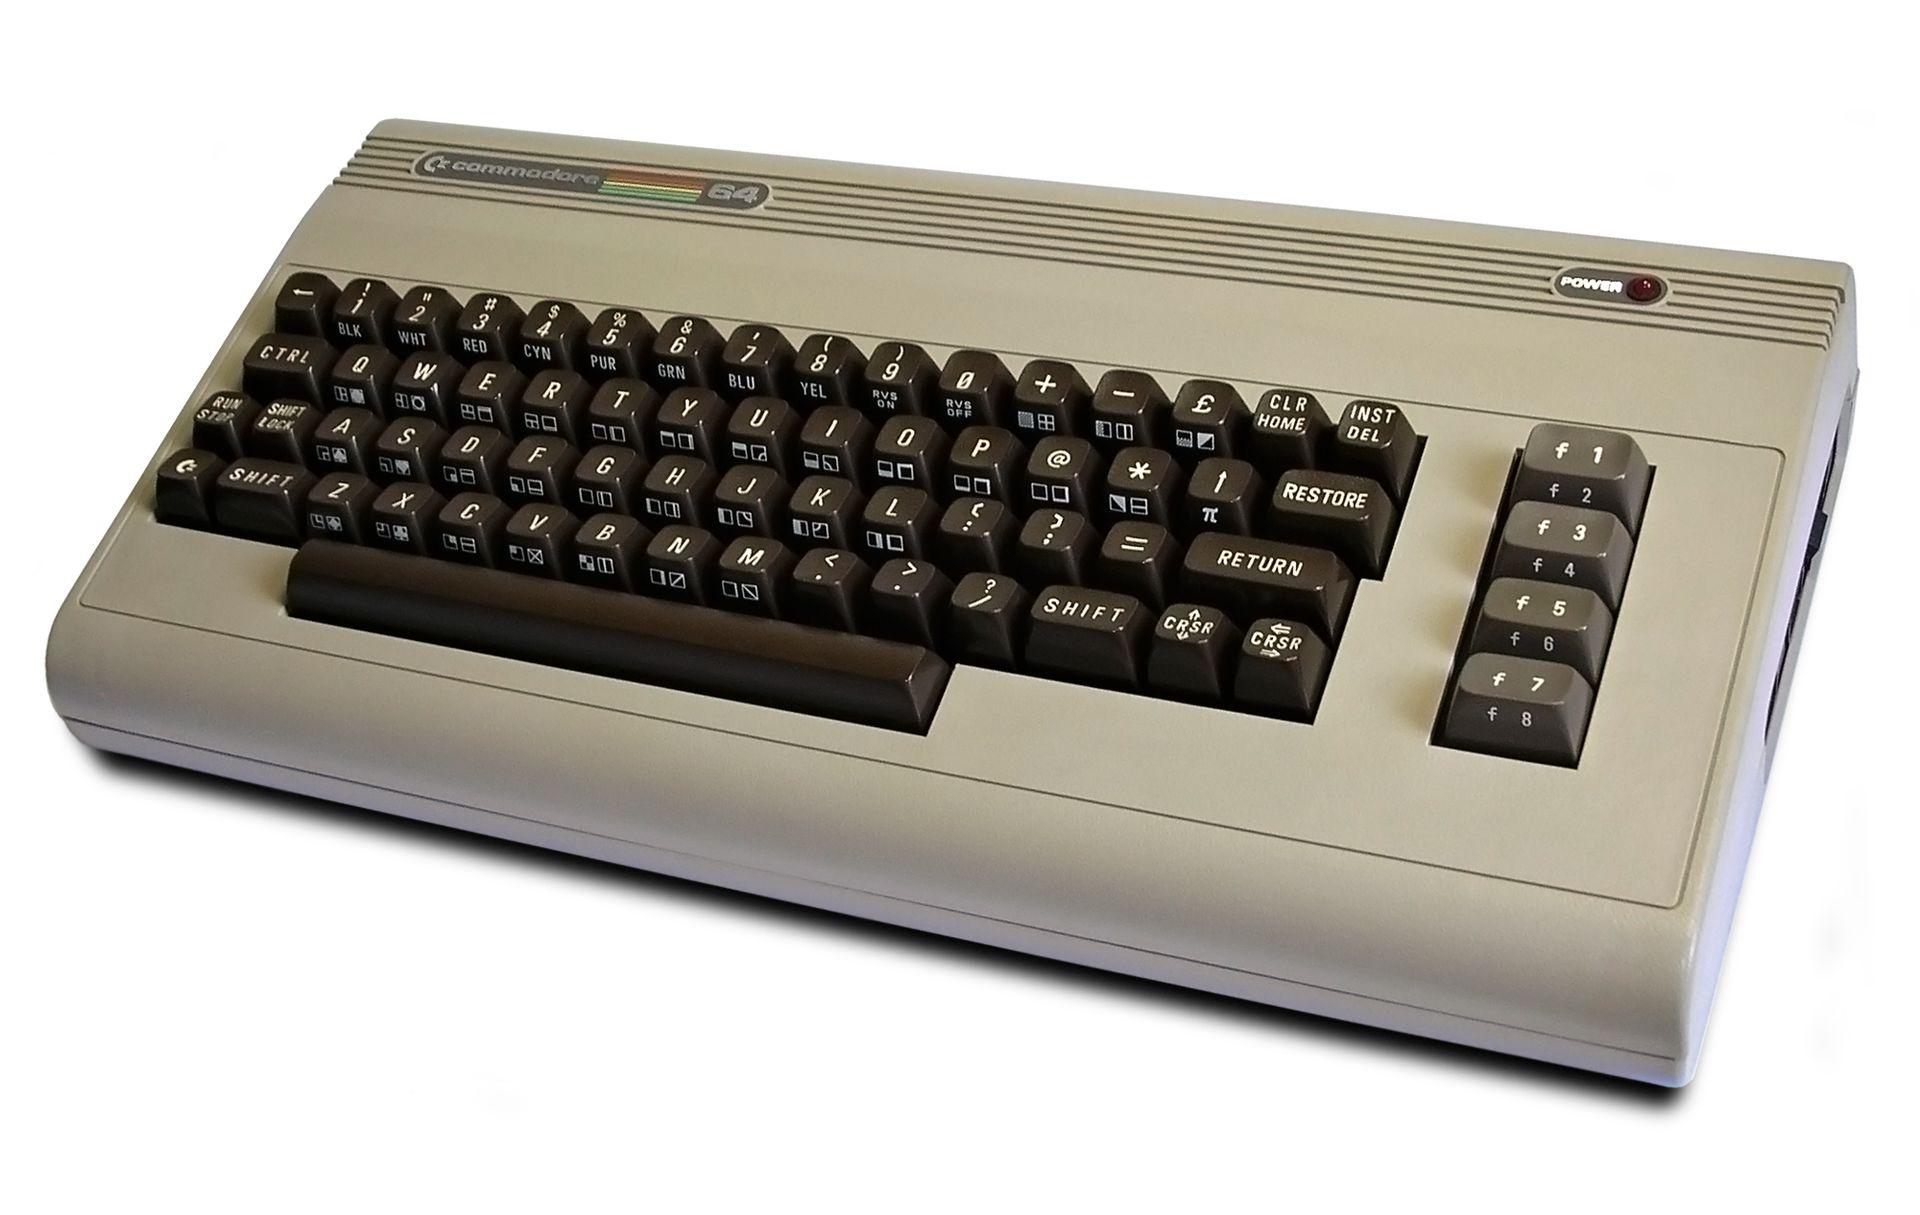 Commodore 64 må se seg slått av Raspberry Pi i totale salgstall for en datamaskin i historien.